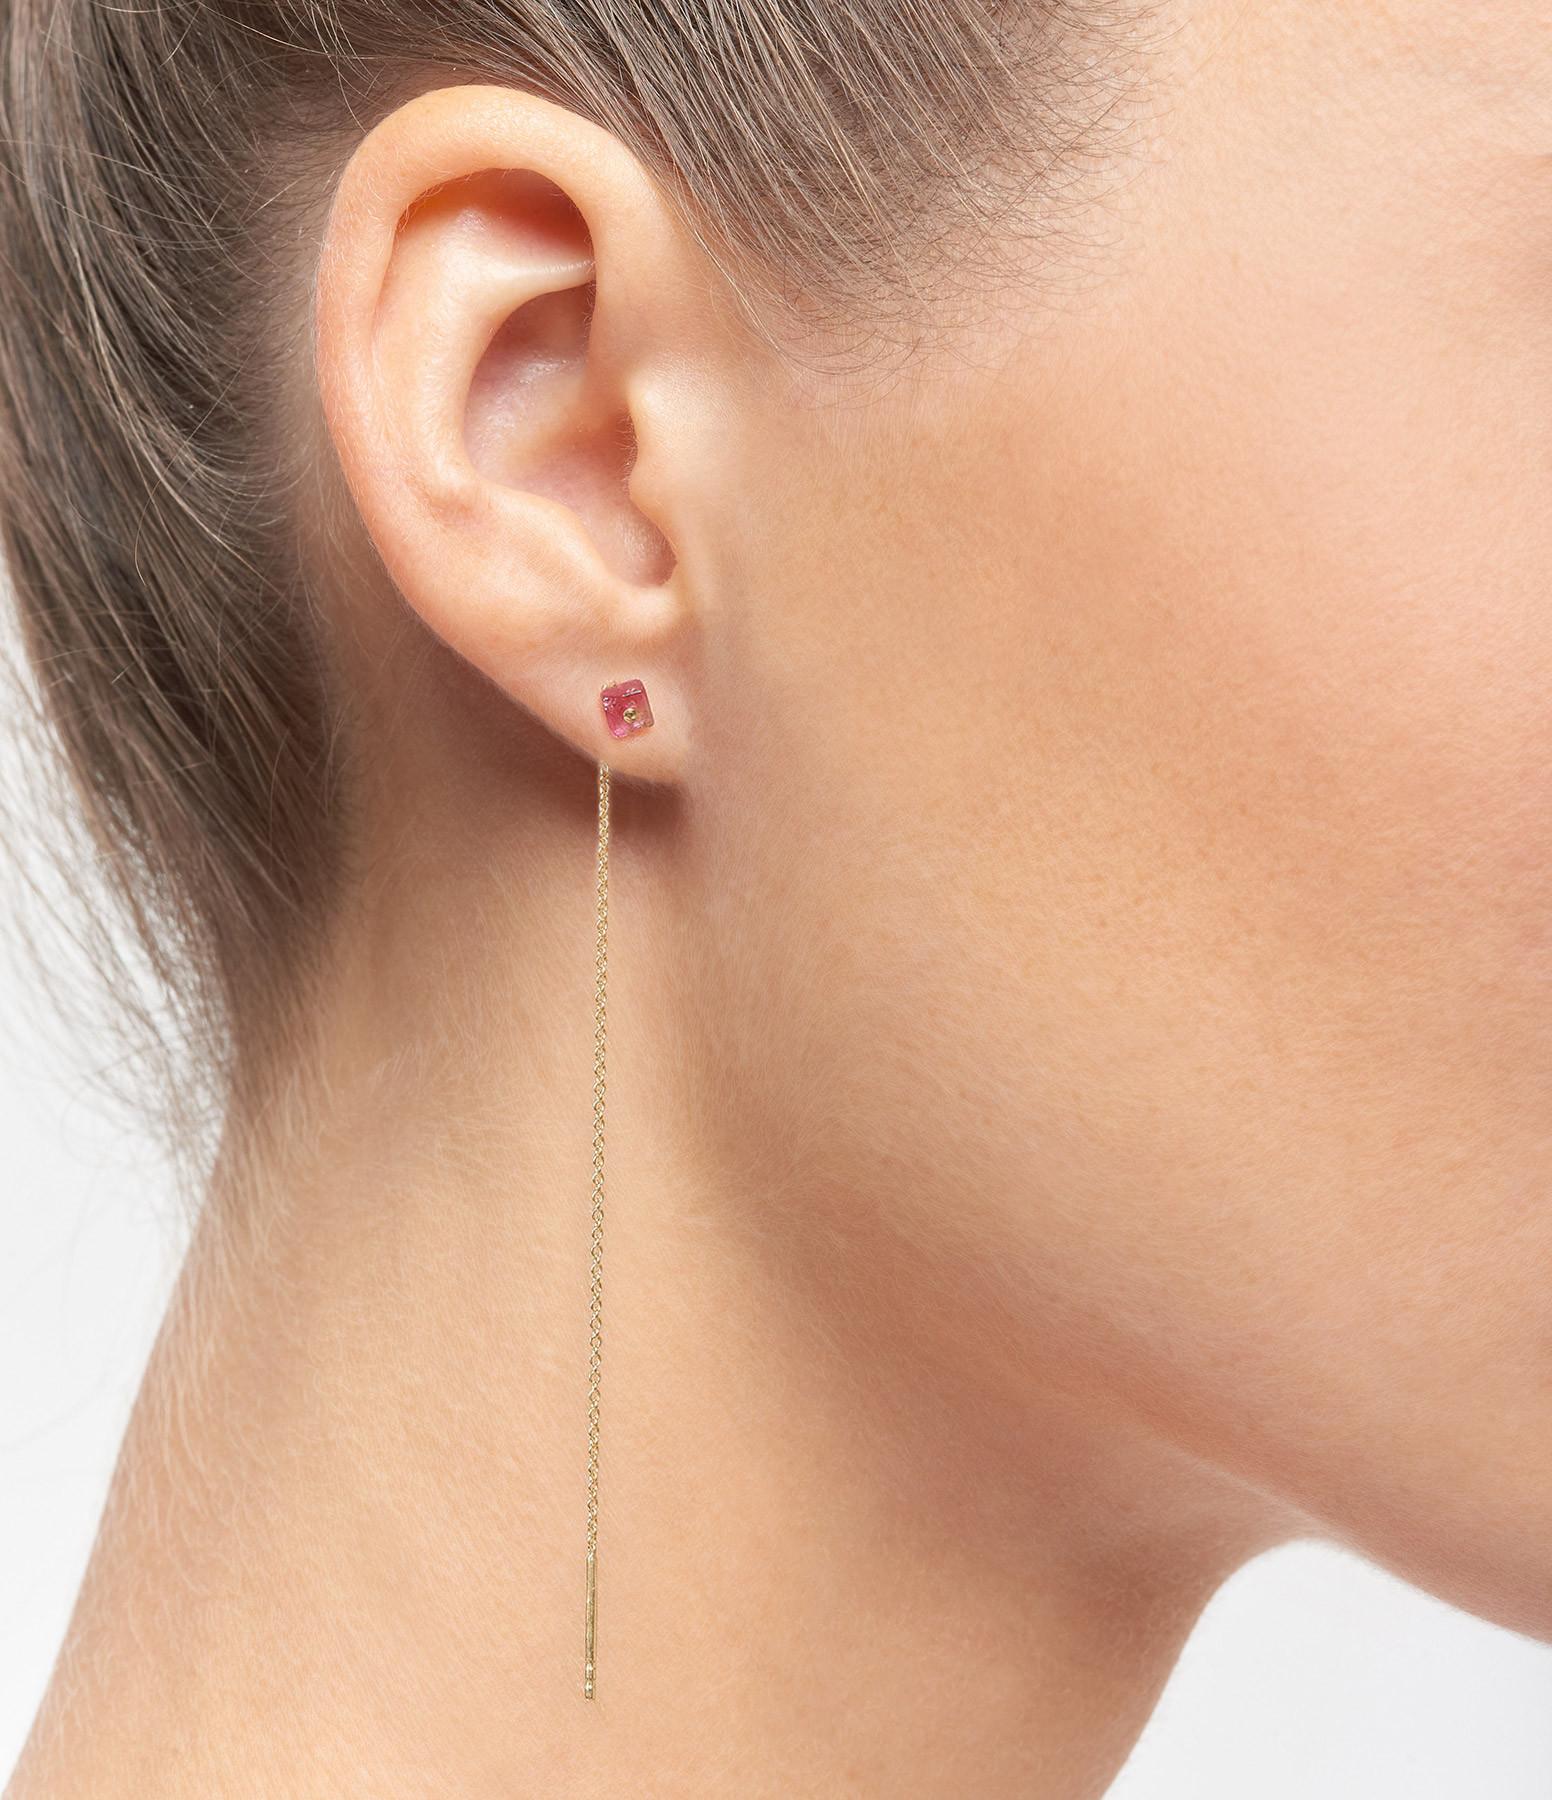 MON PRECIEUX GEM - Boucle d'oreille Chaîne Tourmaline (vendue à l'unité)